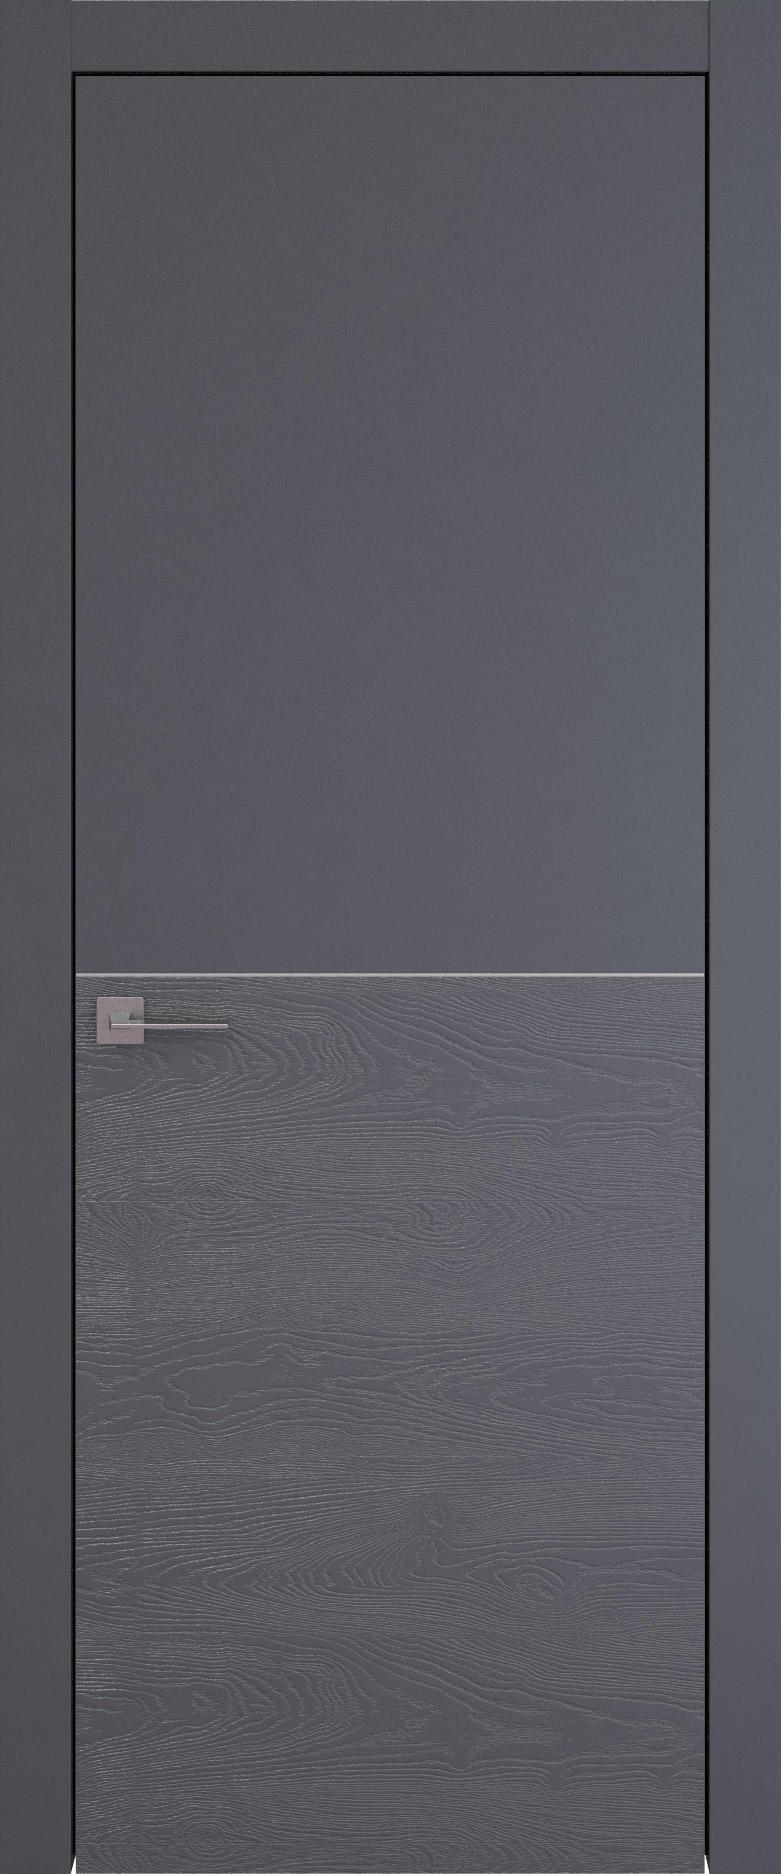 Tivoli Б-2 цвет - Графитово-серая эмаль-эмаль по шпону (RAL 7024) Без стекла (ДГ)